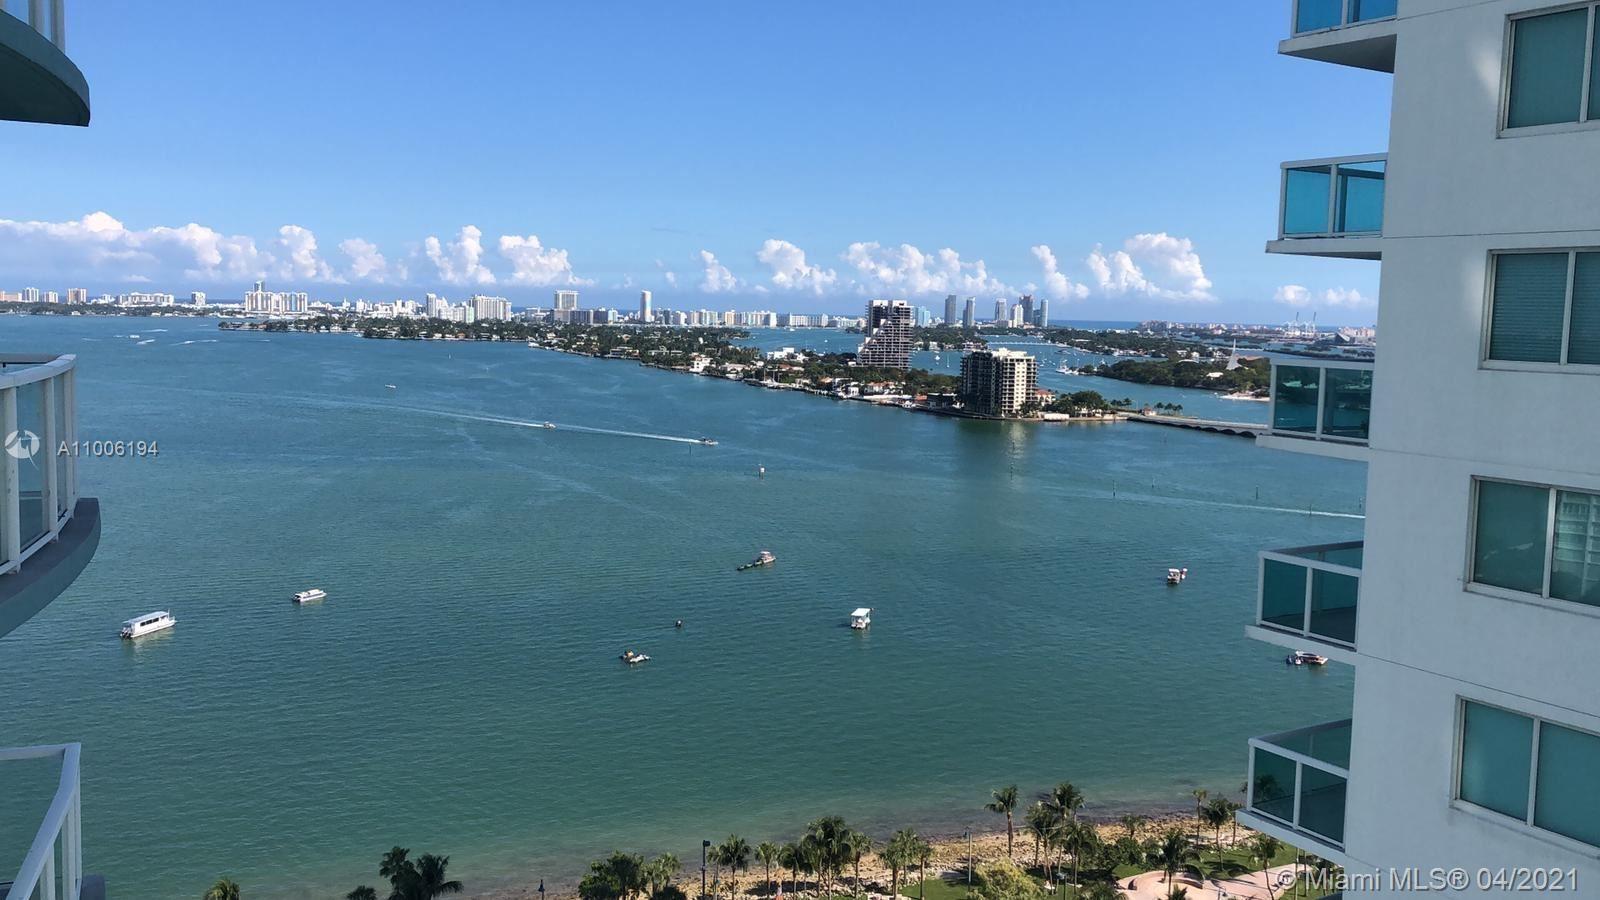 1900 N Bayshore Dr #2103, Miami, FL 33132 - #: A11006194